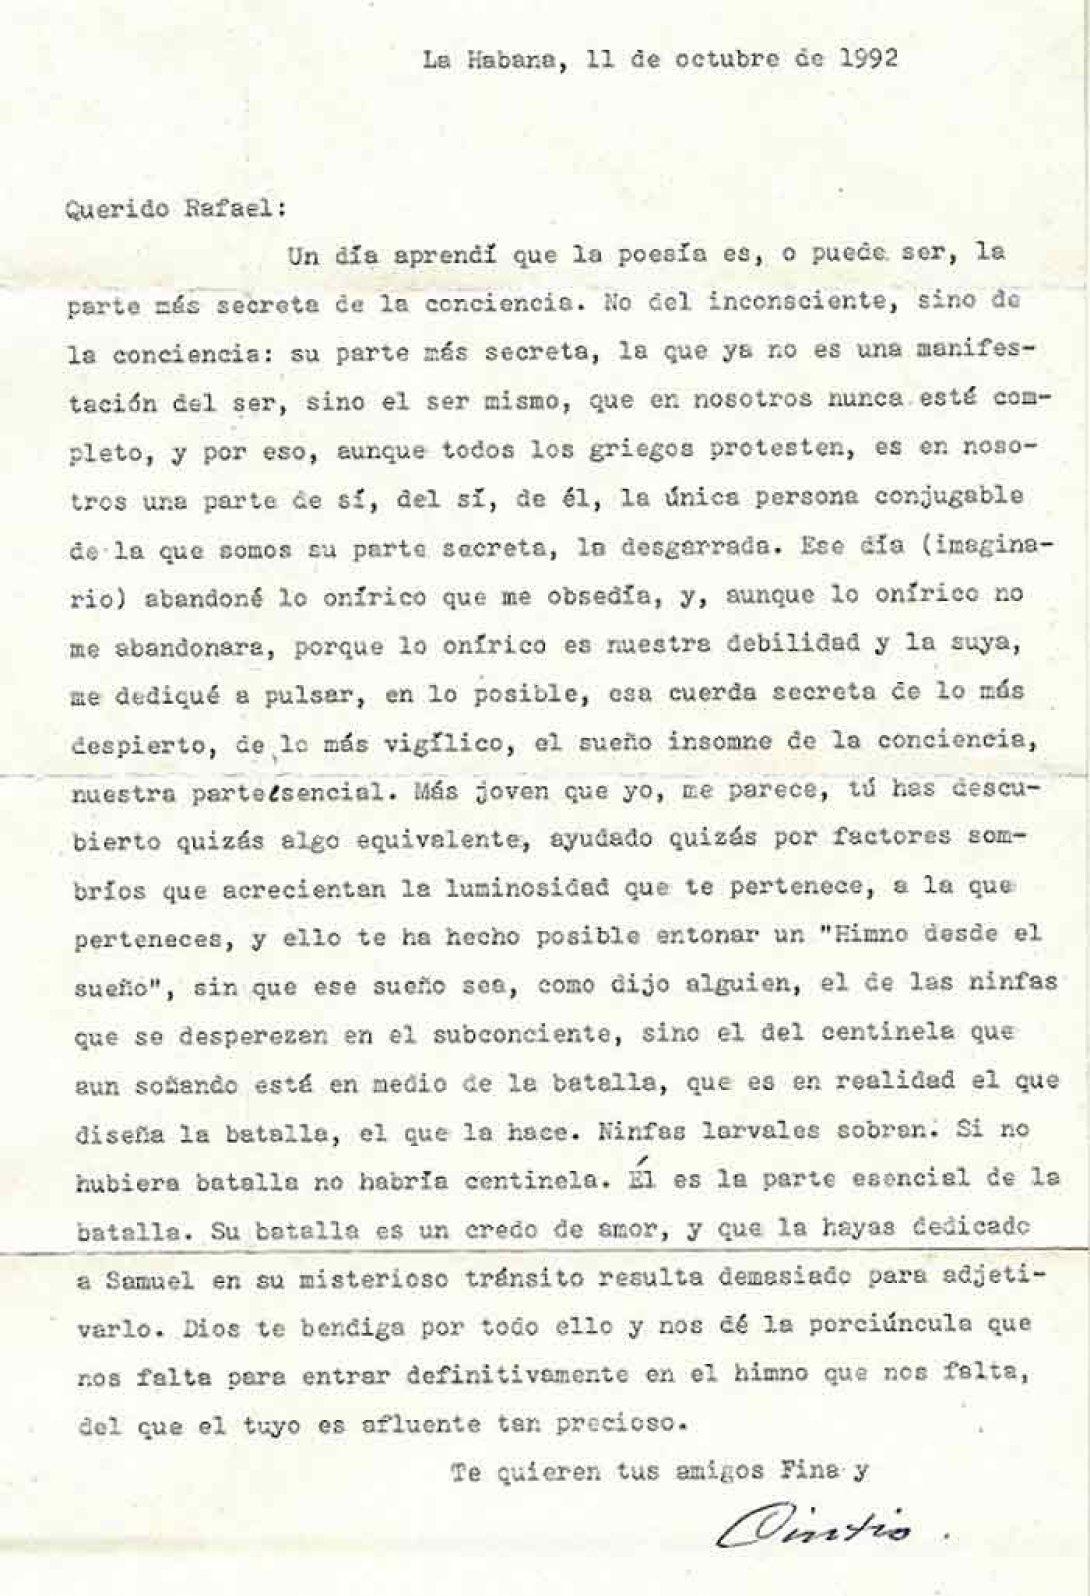 Mecanuscrito, carta de Fina y Cintio, en los archivos de Rafael Almanza